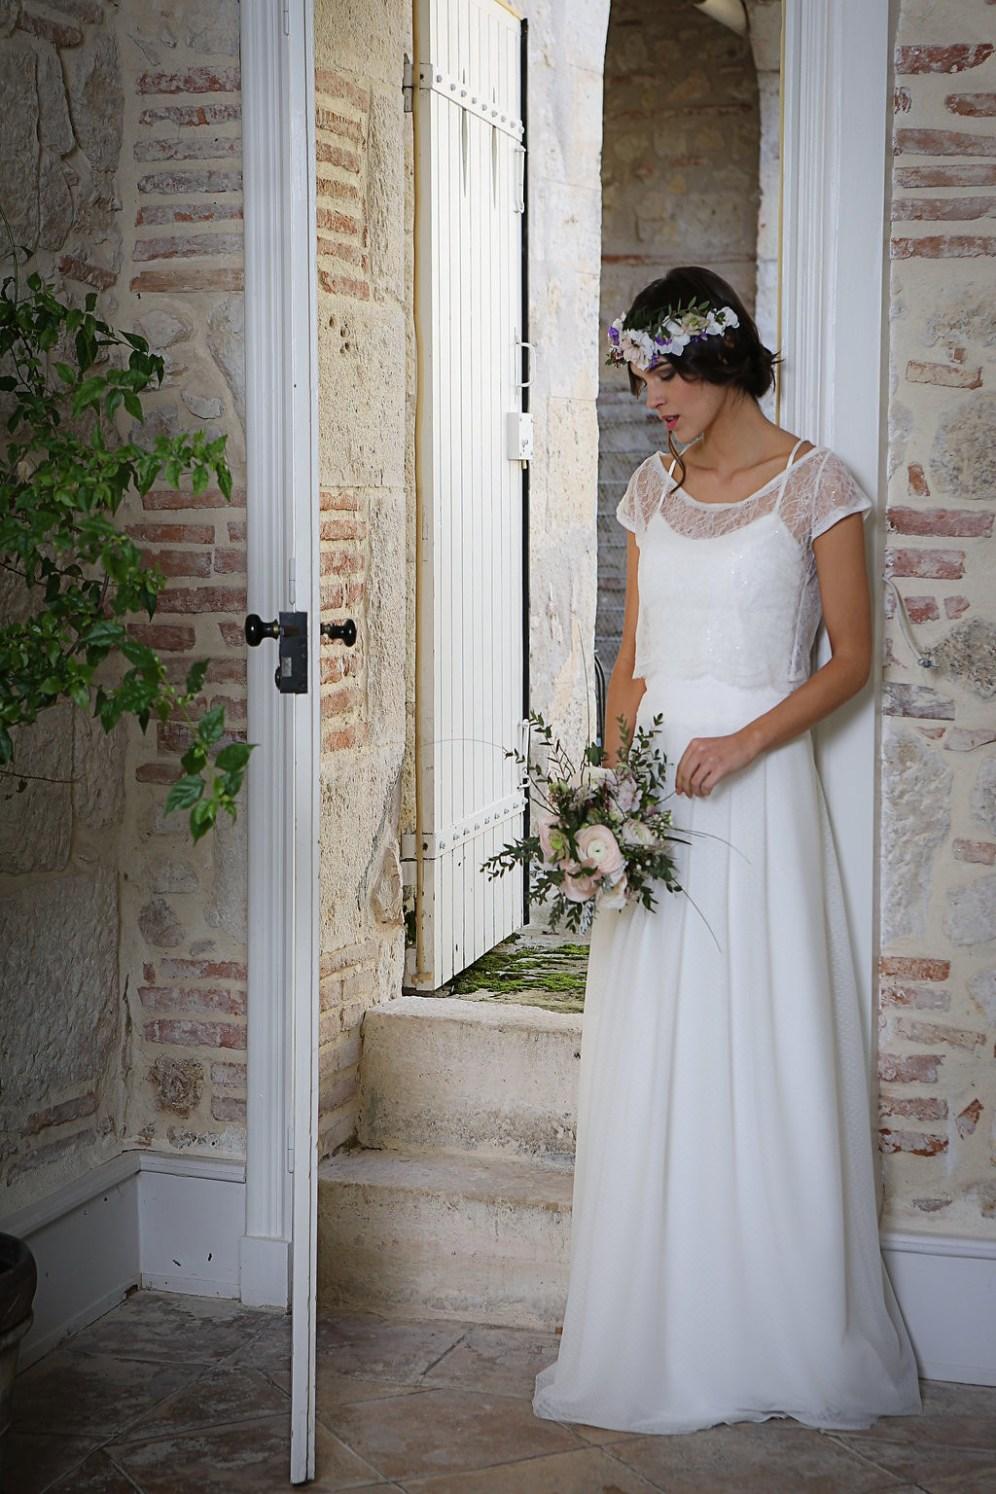 Cyclade-top-robe-de-mariee-Elsa-Gary-Collection-2018-la-soeur-de-la-mariee-blog-mariage